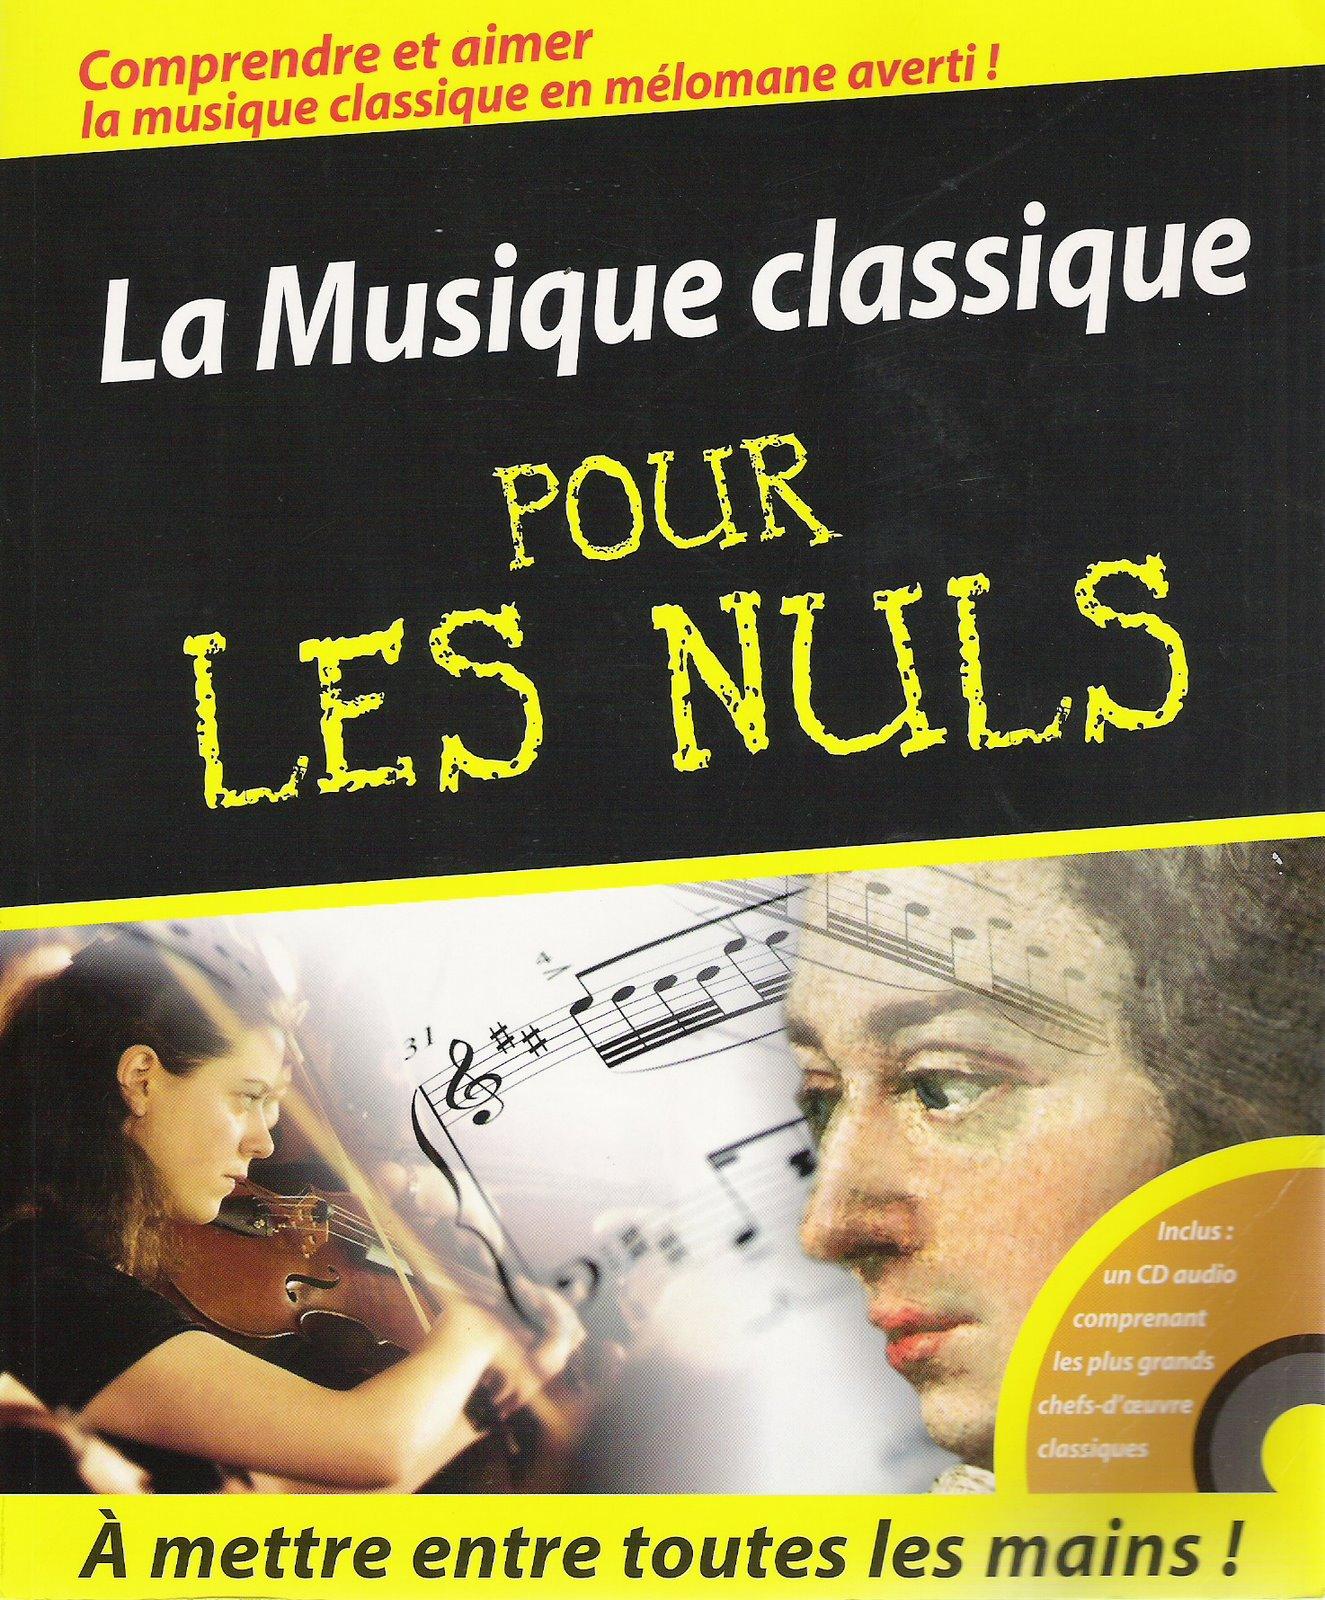 [La+Mus.+Clas.+pour+les+nuls.jpg]